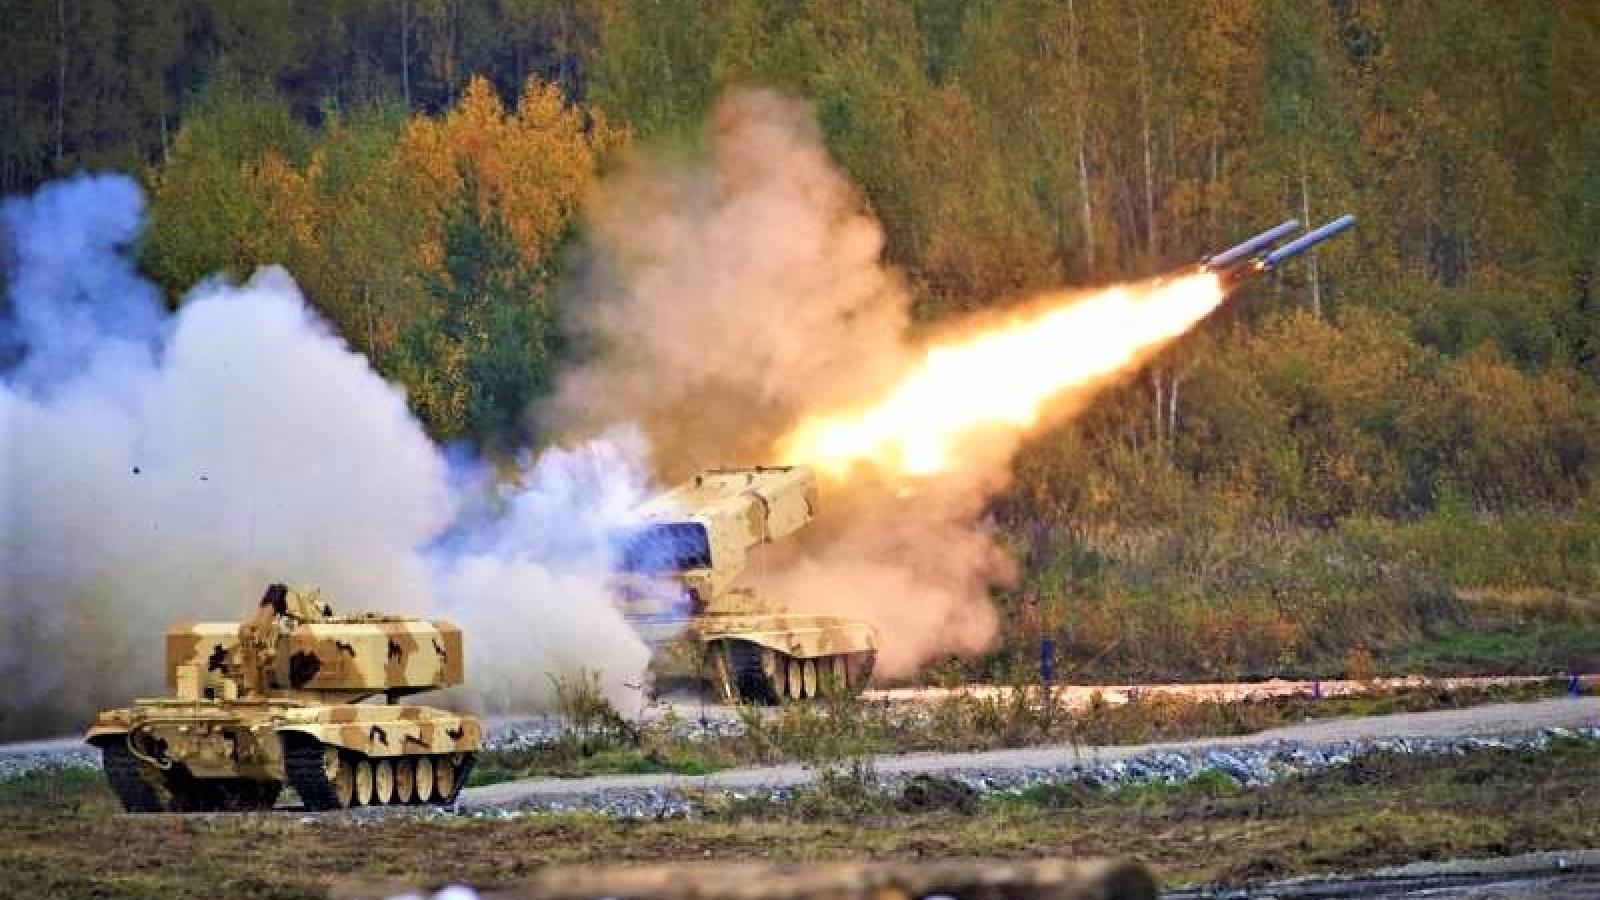 Triển vọng hiện đại hóa các hệ thống phun lửa hạng nặng Nga